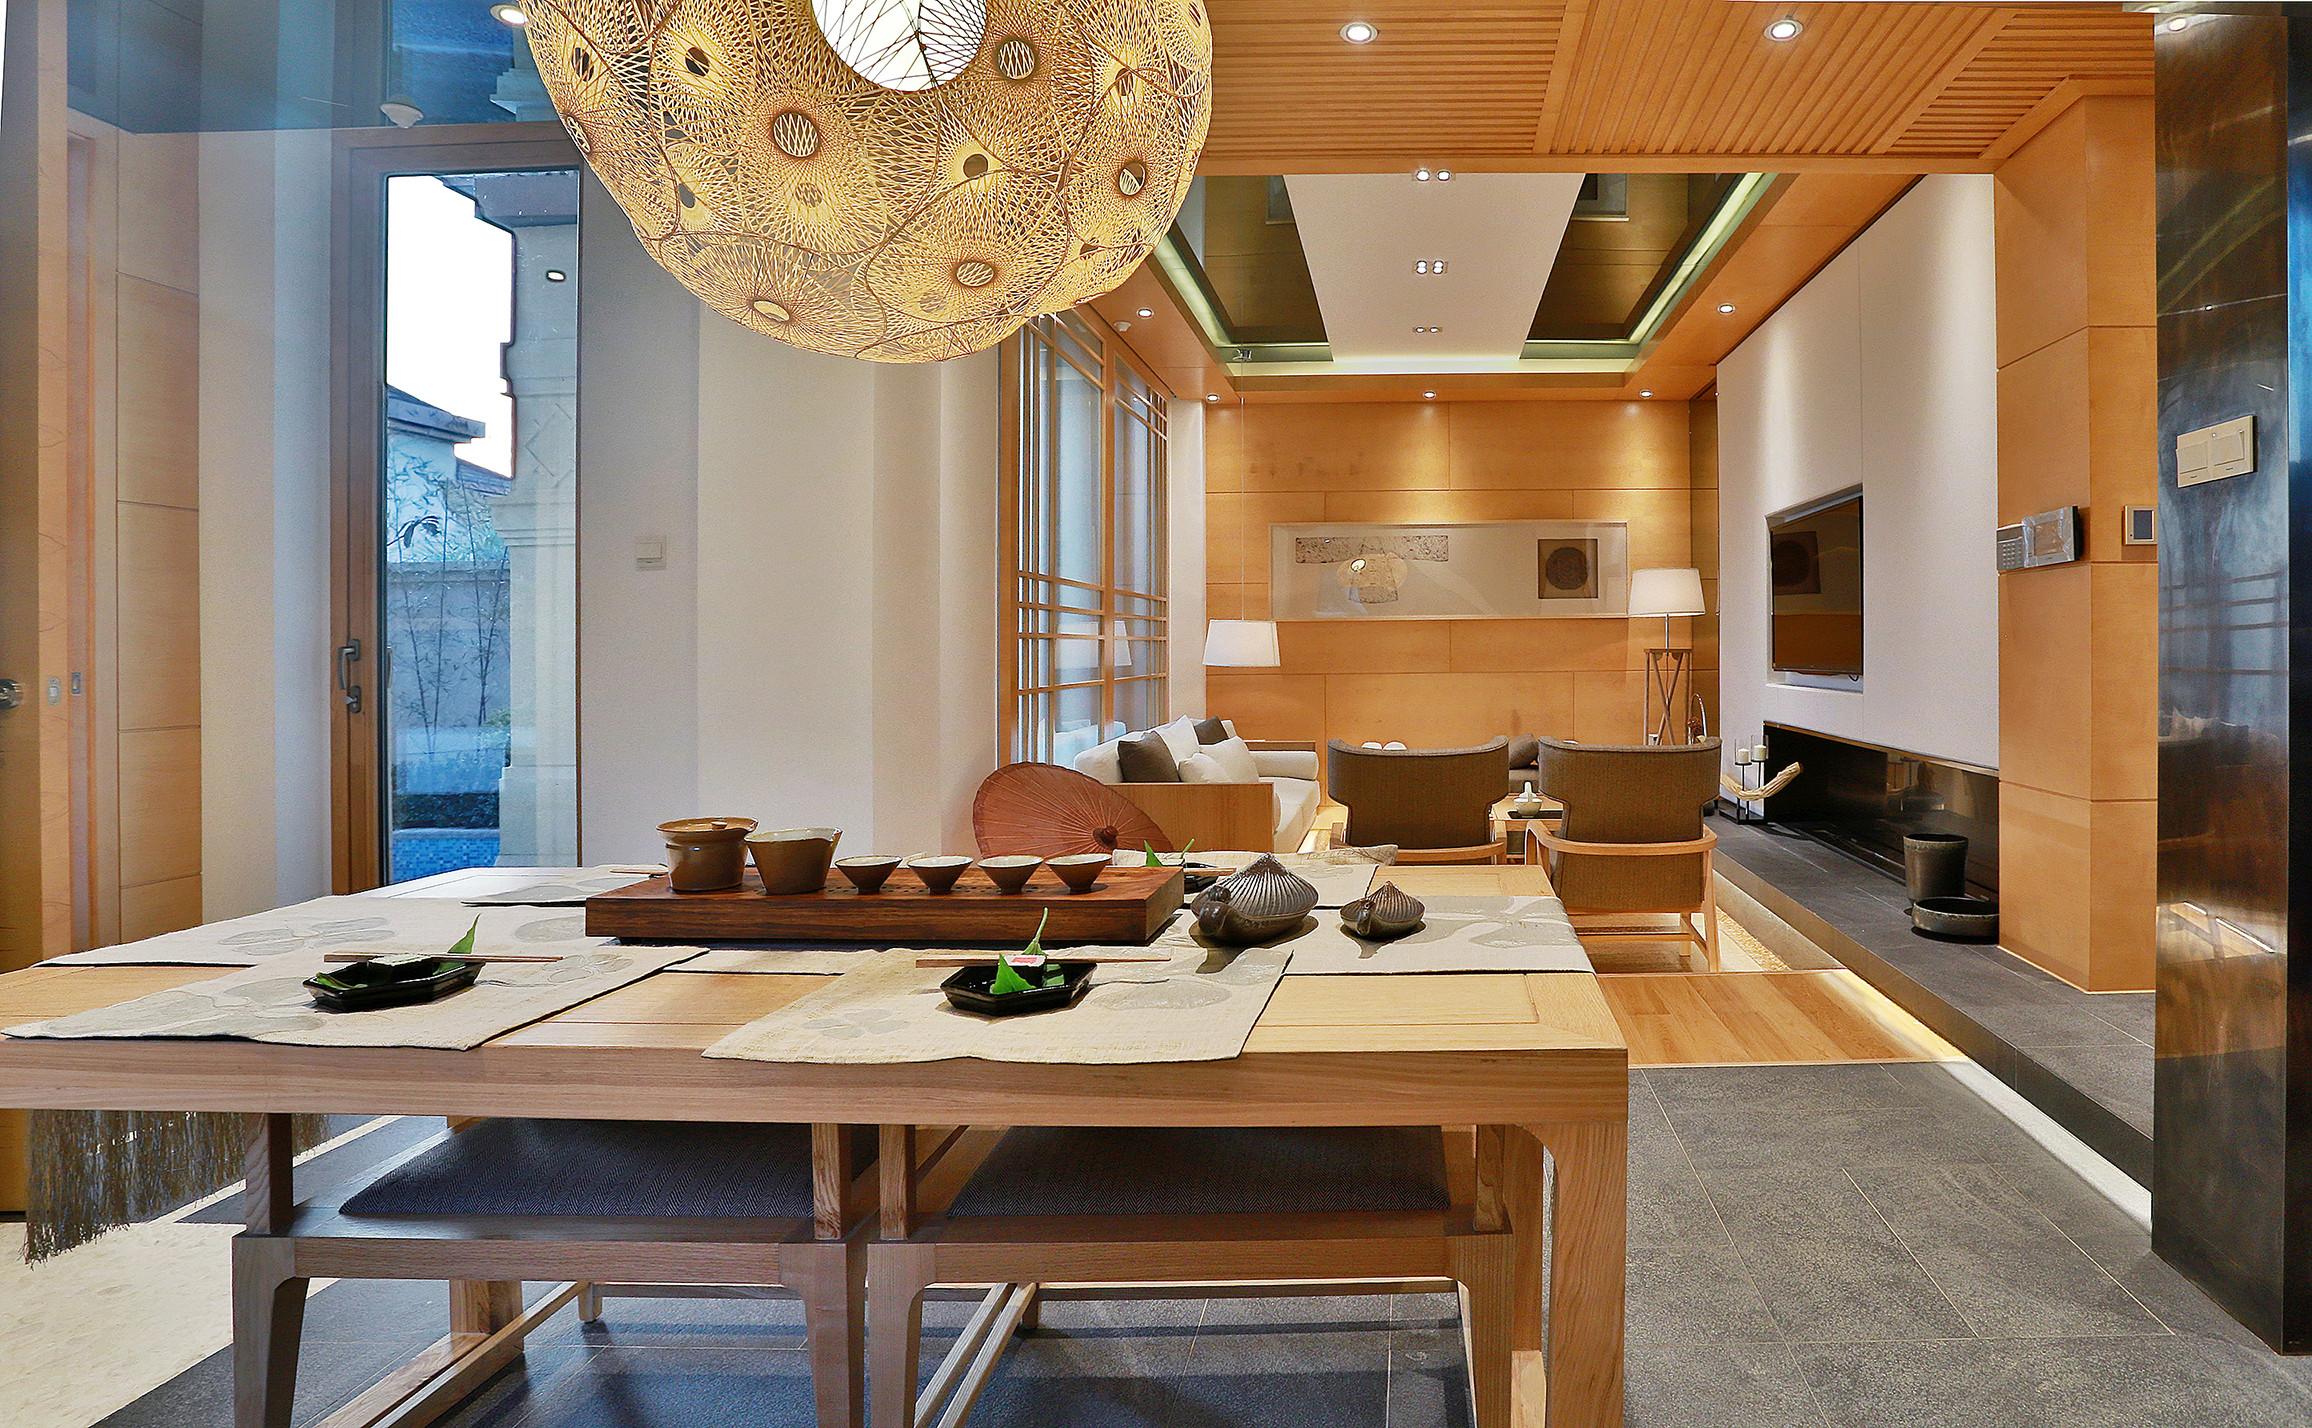 日式别墅装修餐厅效果图